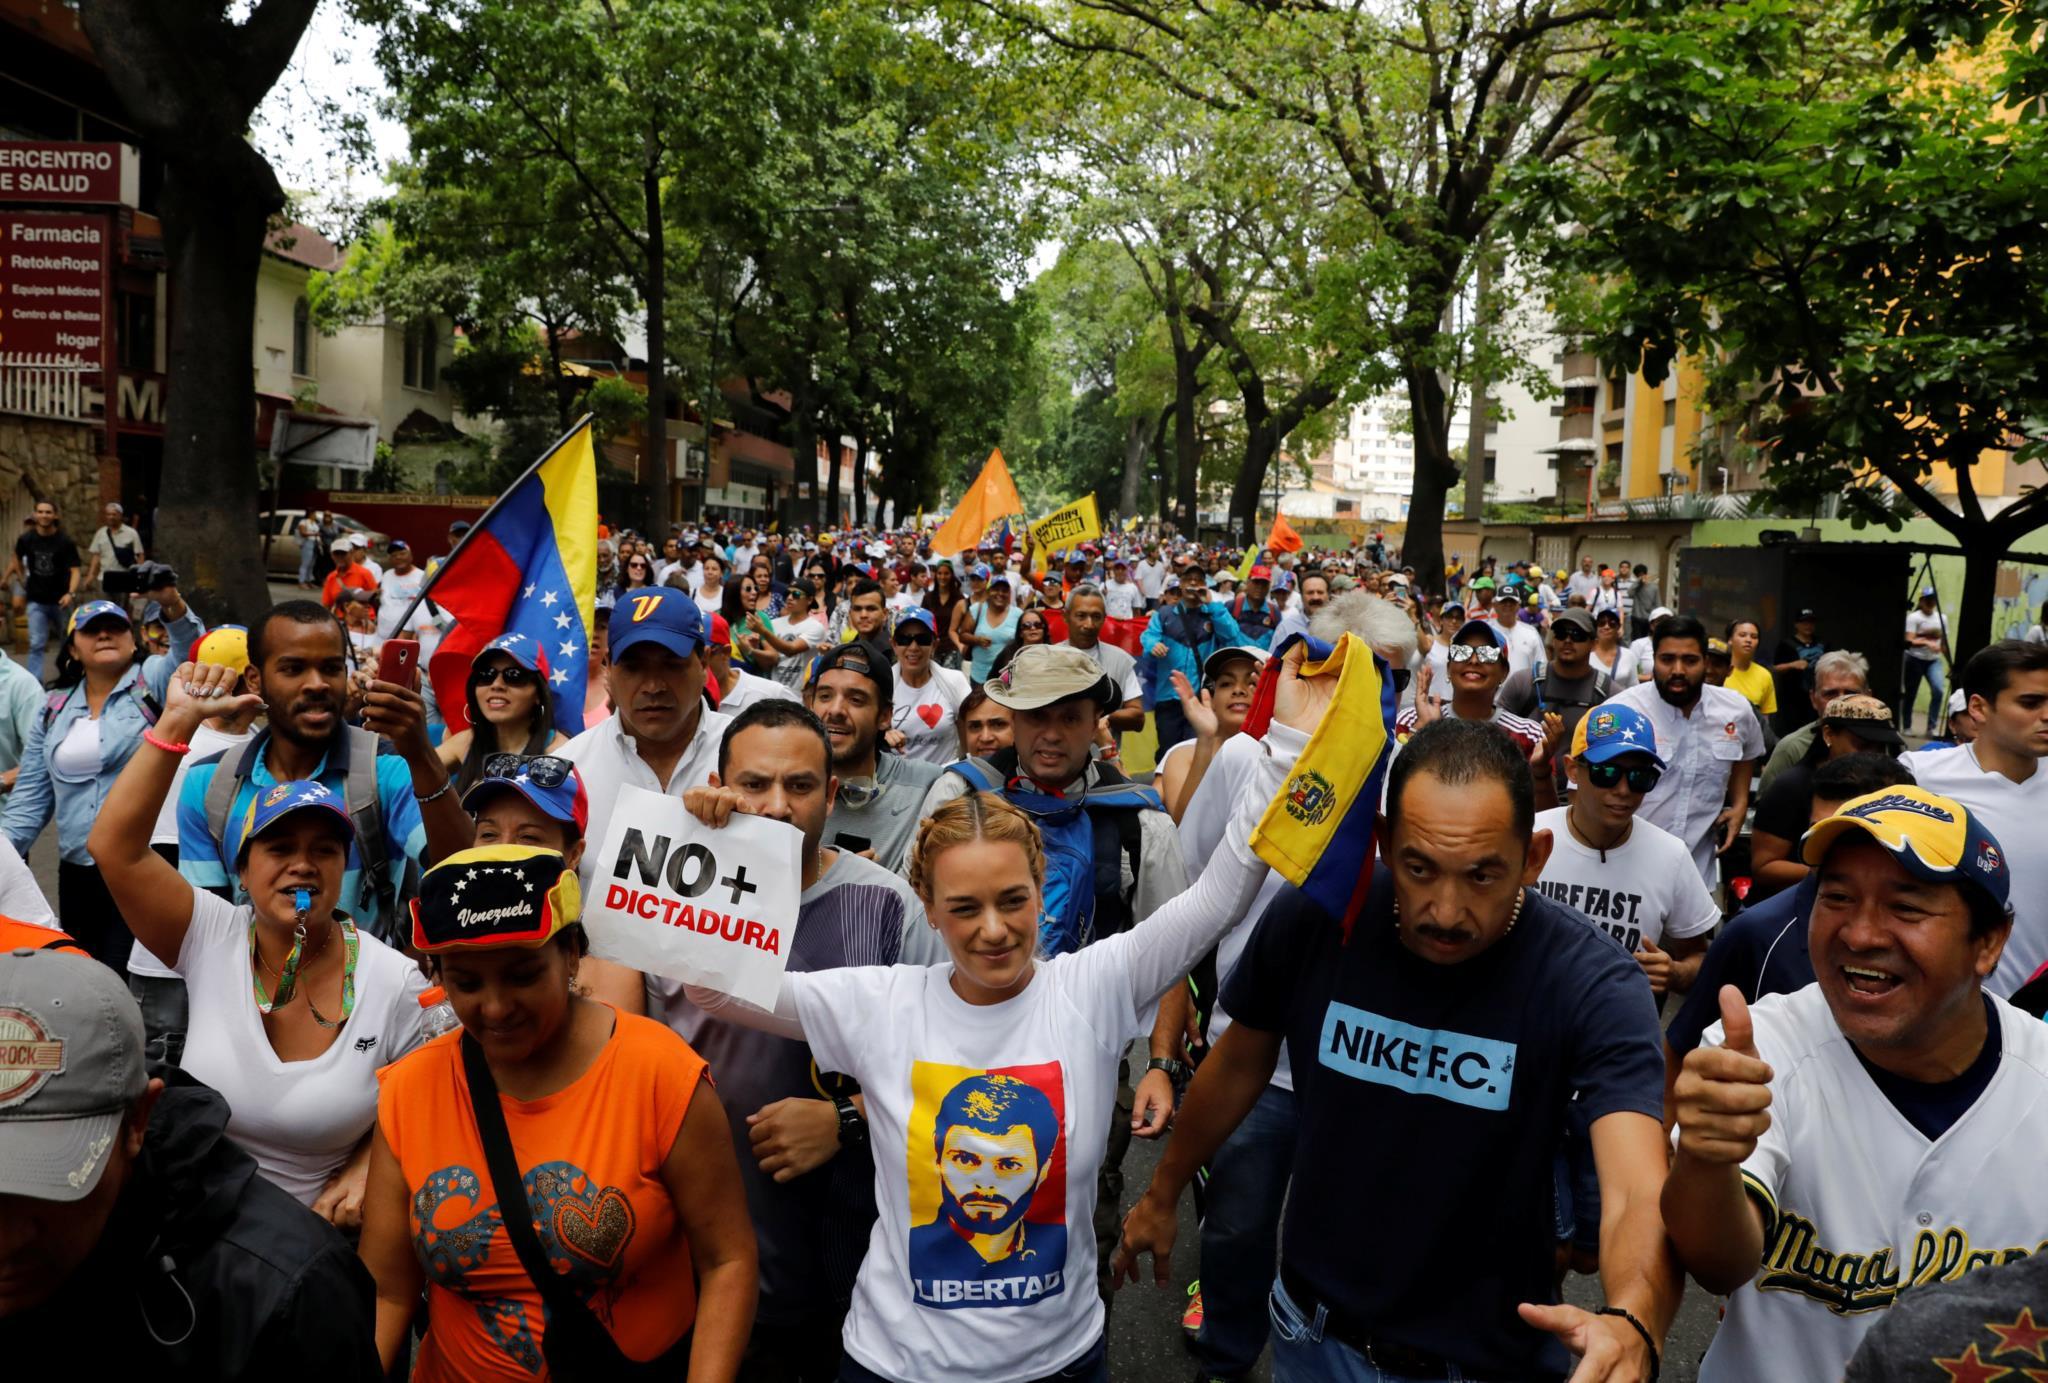 Lilian Tintori (ao centro), mulher de um dos líderes da oposição Leopoldo Lopez, que se encontra preso, também participou nos protestos